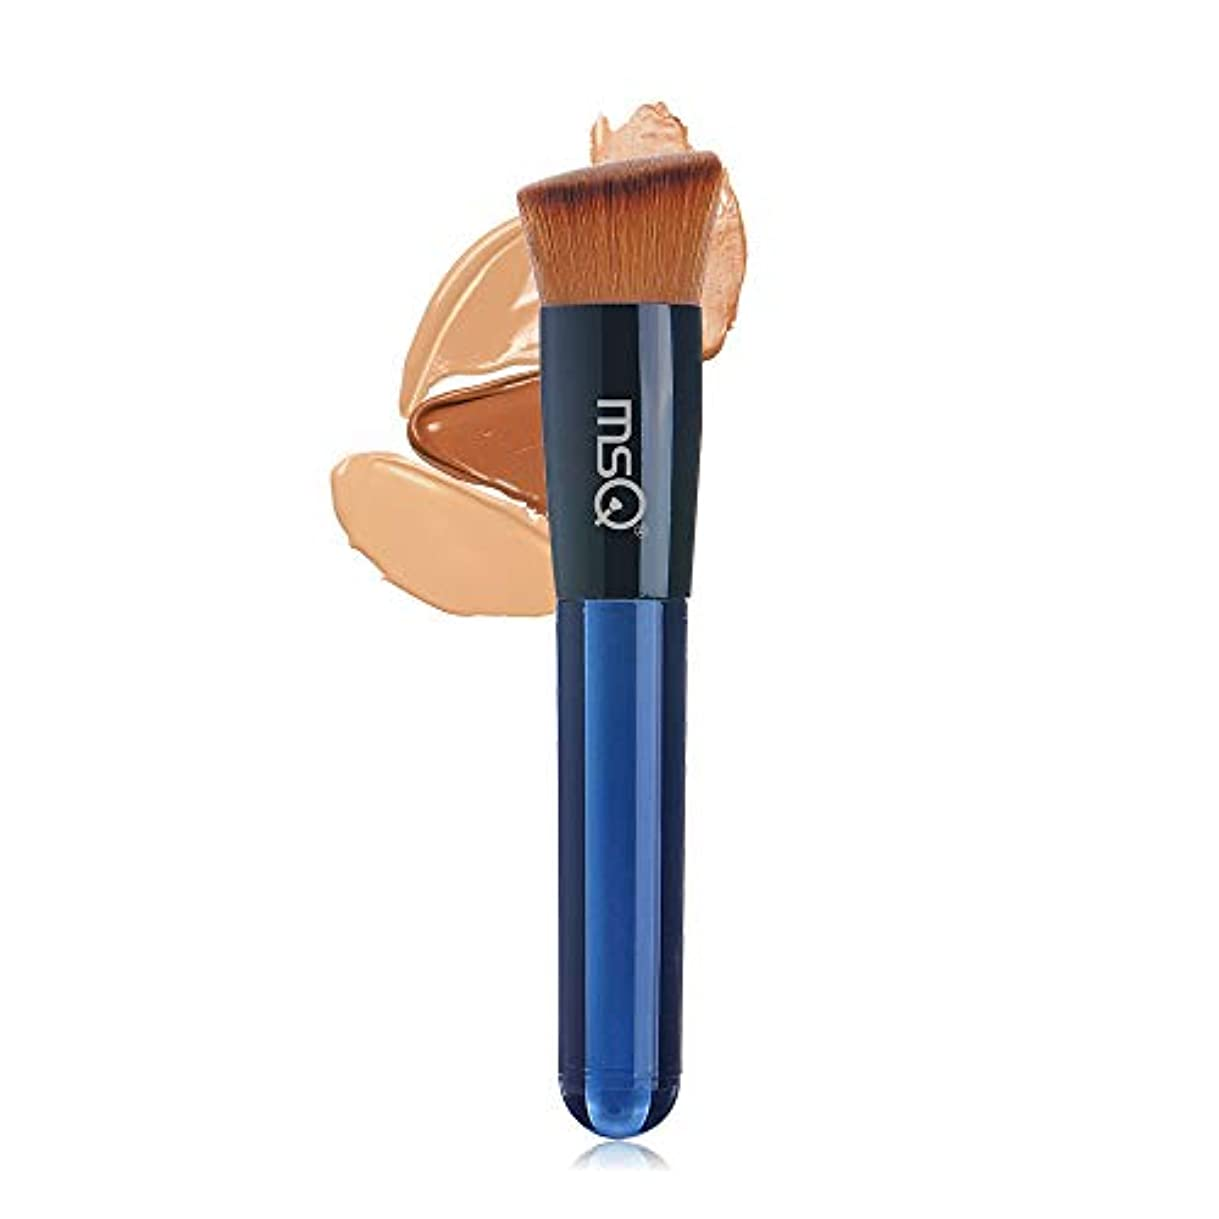 詩人刃装置MSQ 化粧ブラシ 人気 メイクブラシ メイクアップブラシ 粧ブラシ 可愛い 化粧筆 肌に優しい ファンデーシ (ファンデーションブラシ)